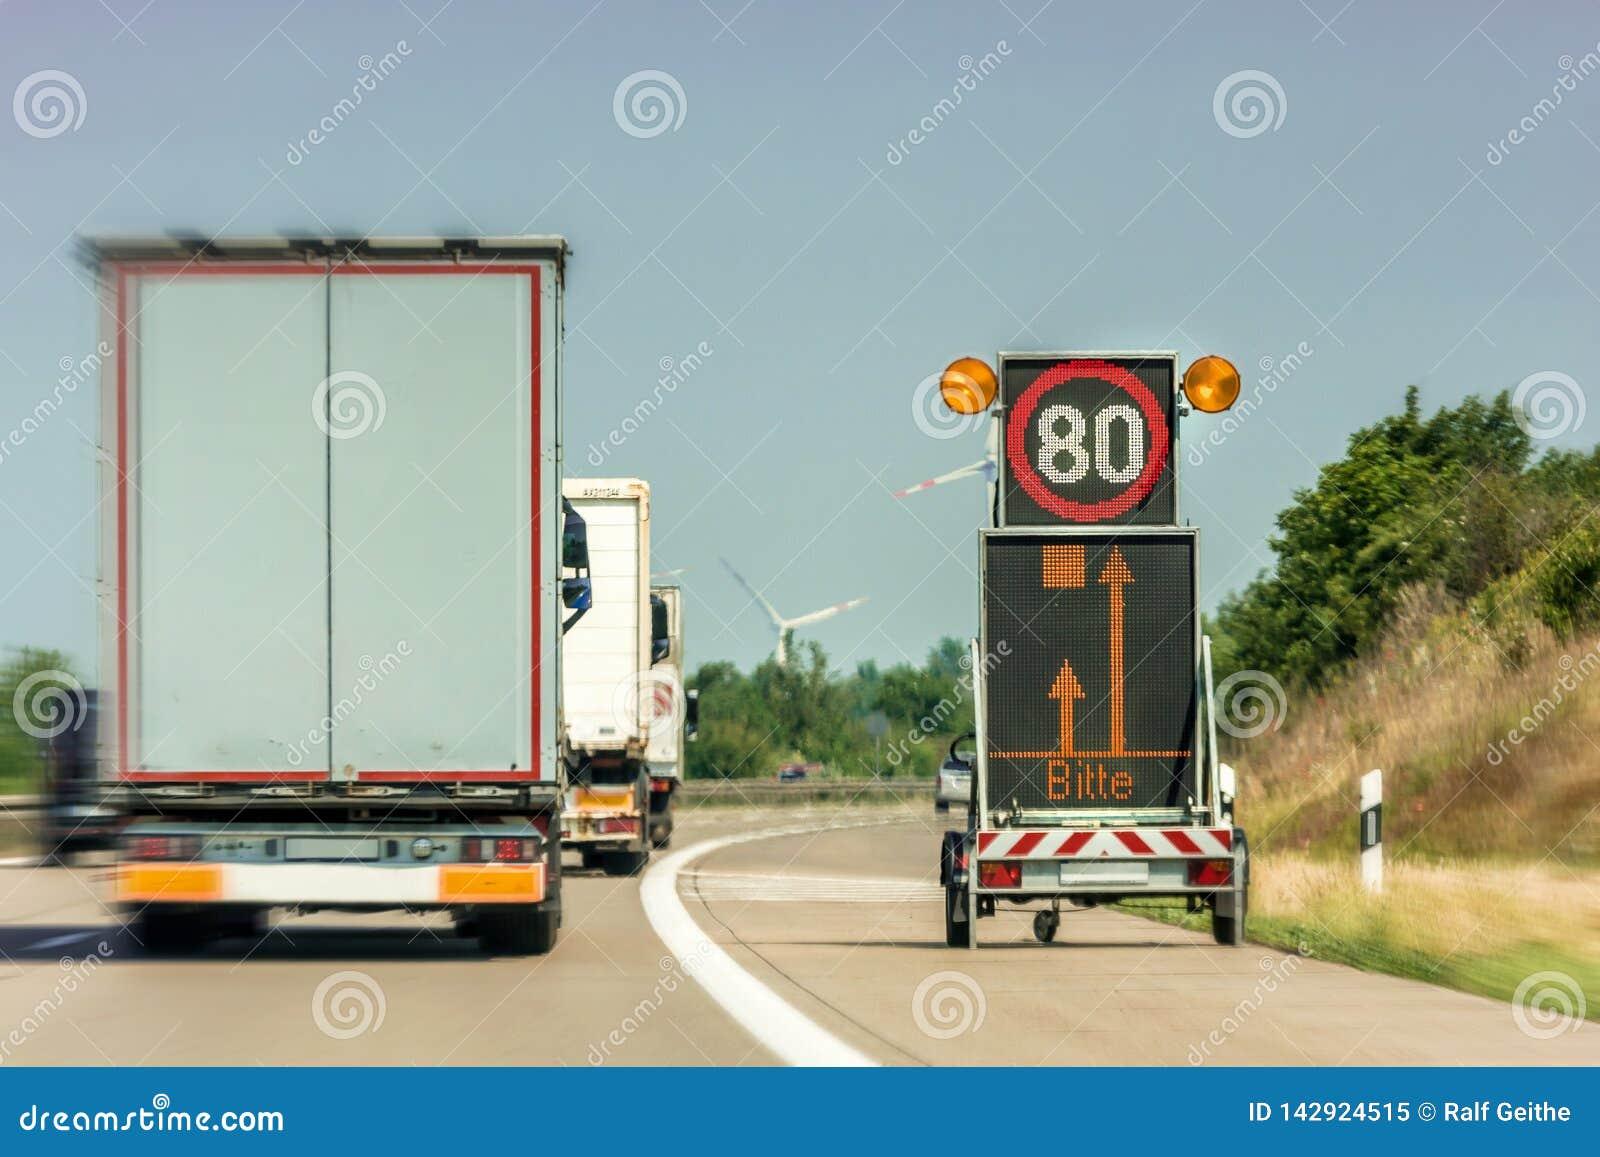 Digital trafiktecken som indikerar en motorwaykonstruktionsplats med det tyska ordet för 'pleases i skärmen